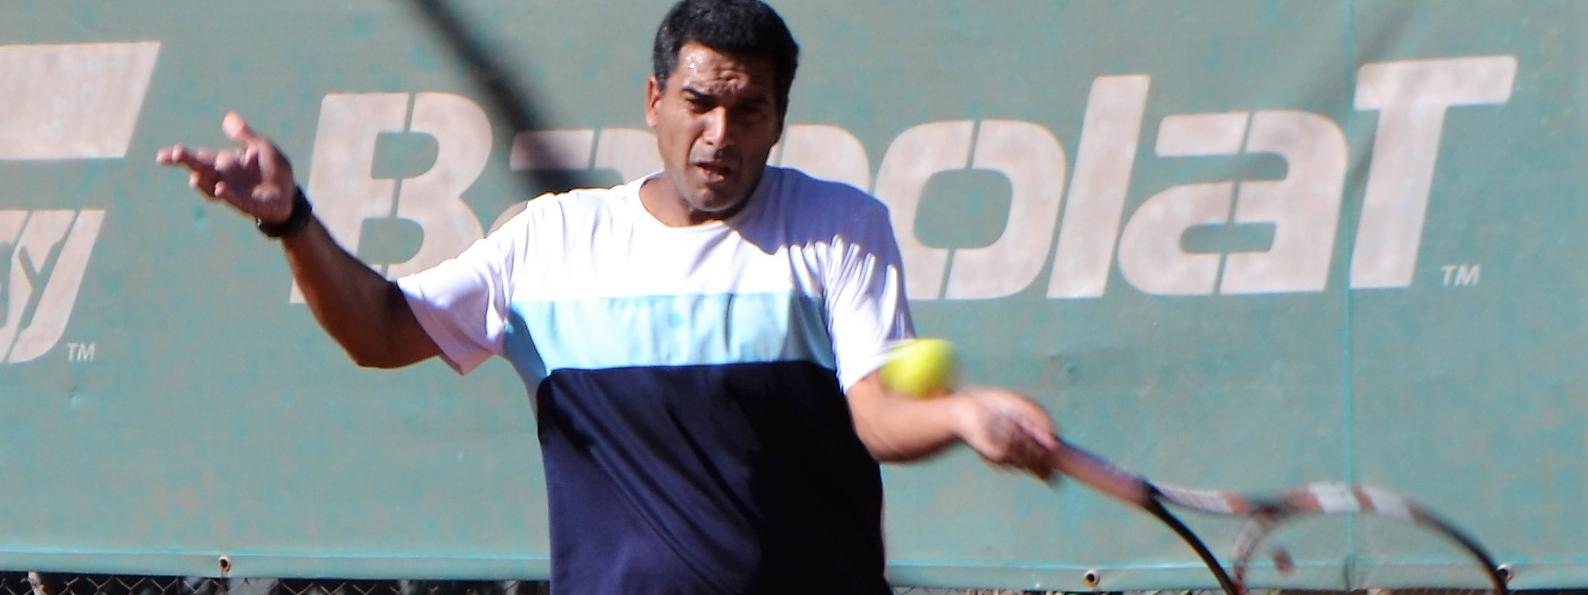 ASÍ SE HACE: Cómo afrontar los momentos críticos de un partido en competencia (por Horacio Pacheco, ex profesional, profesor del Córdoba Lawn Tenis)